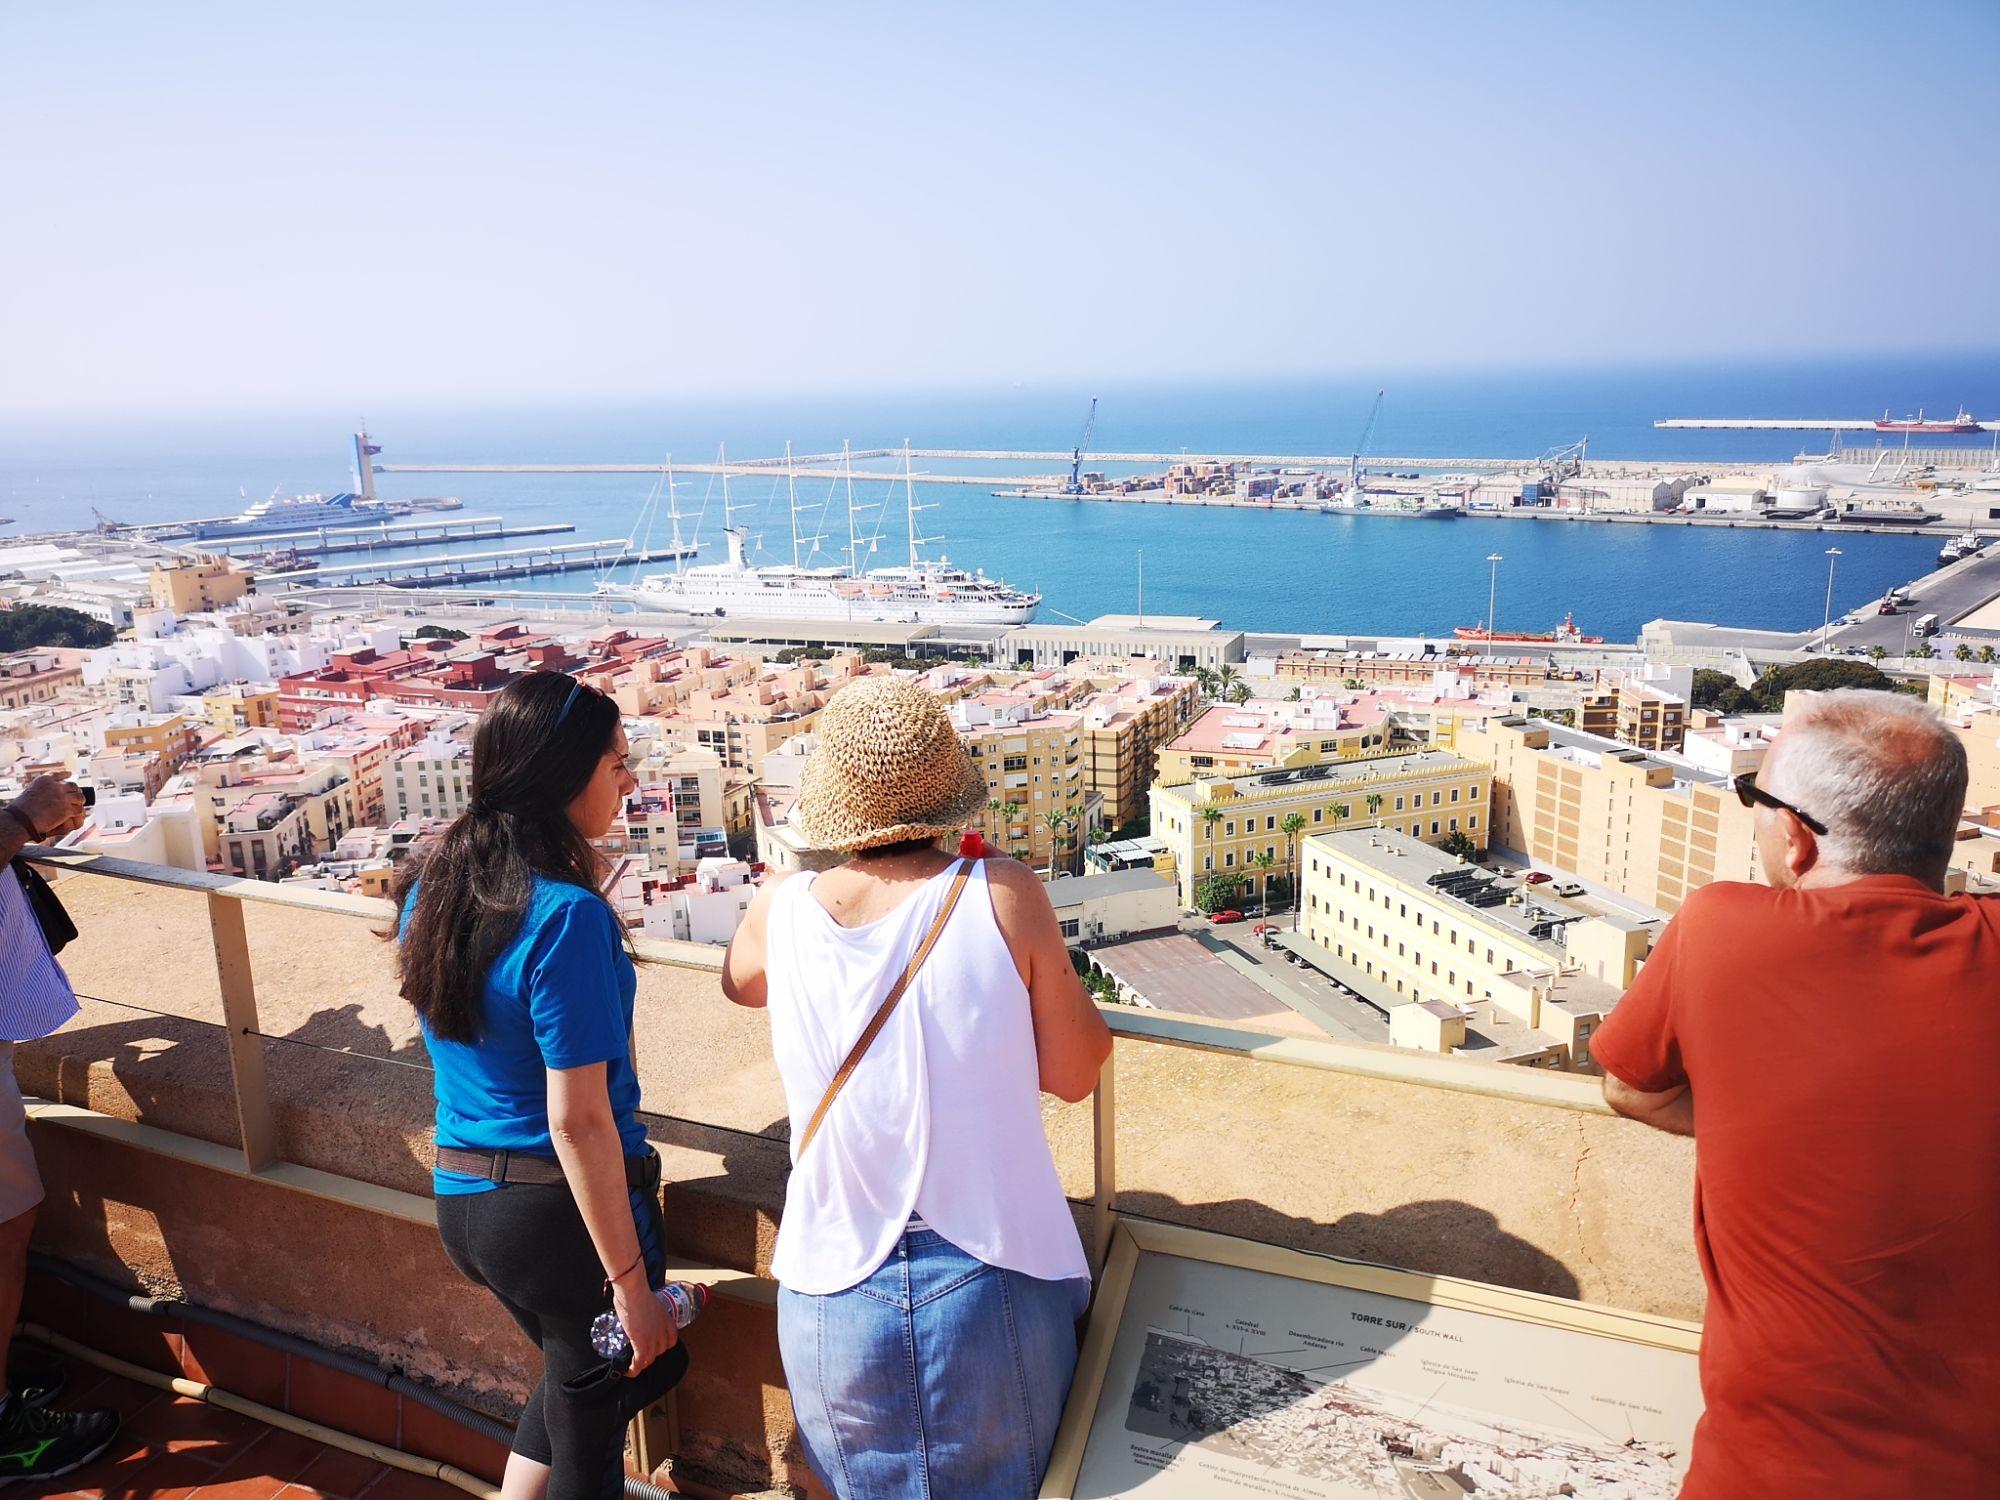 El Puerto de Almería acogerá en agosto la primera escala de un crucero desde febrero de 2020